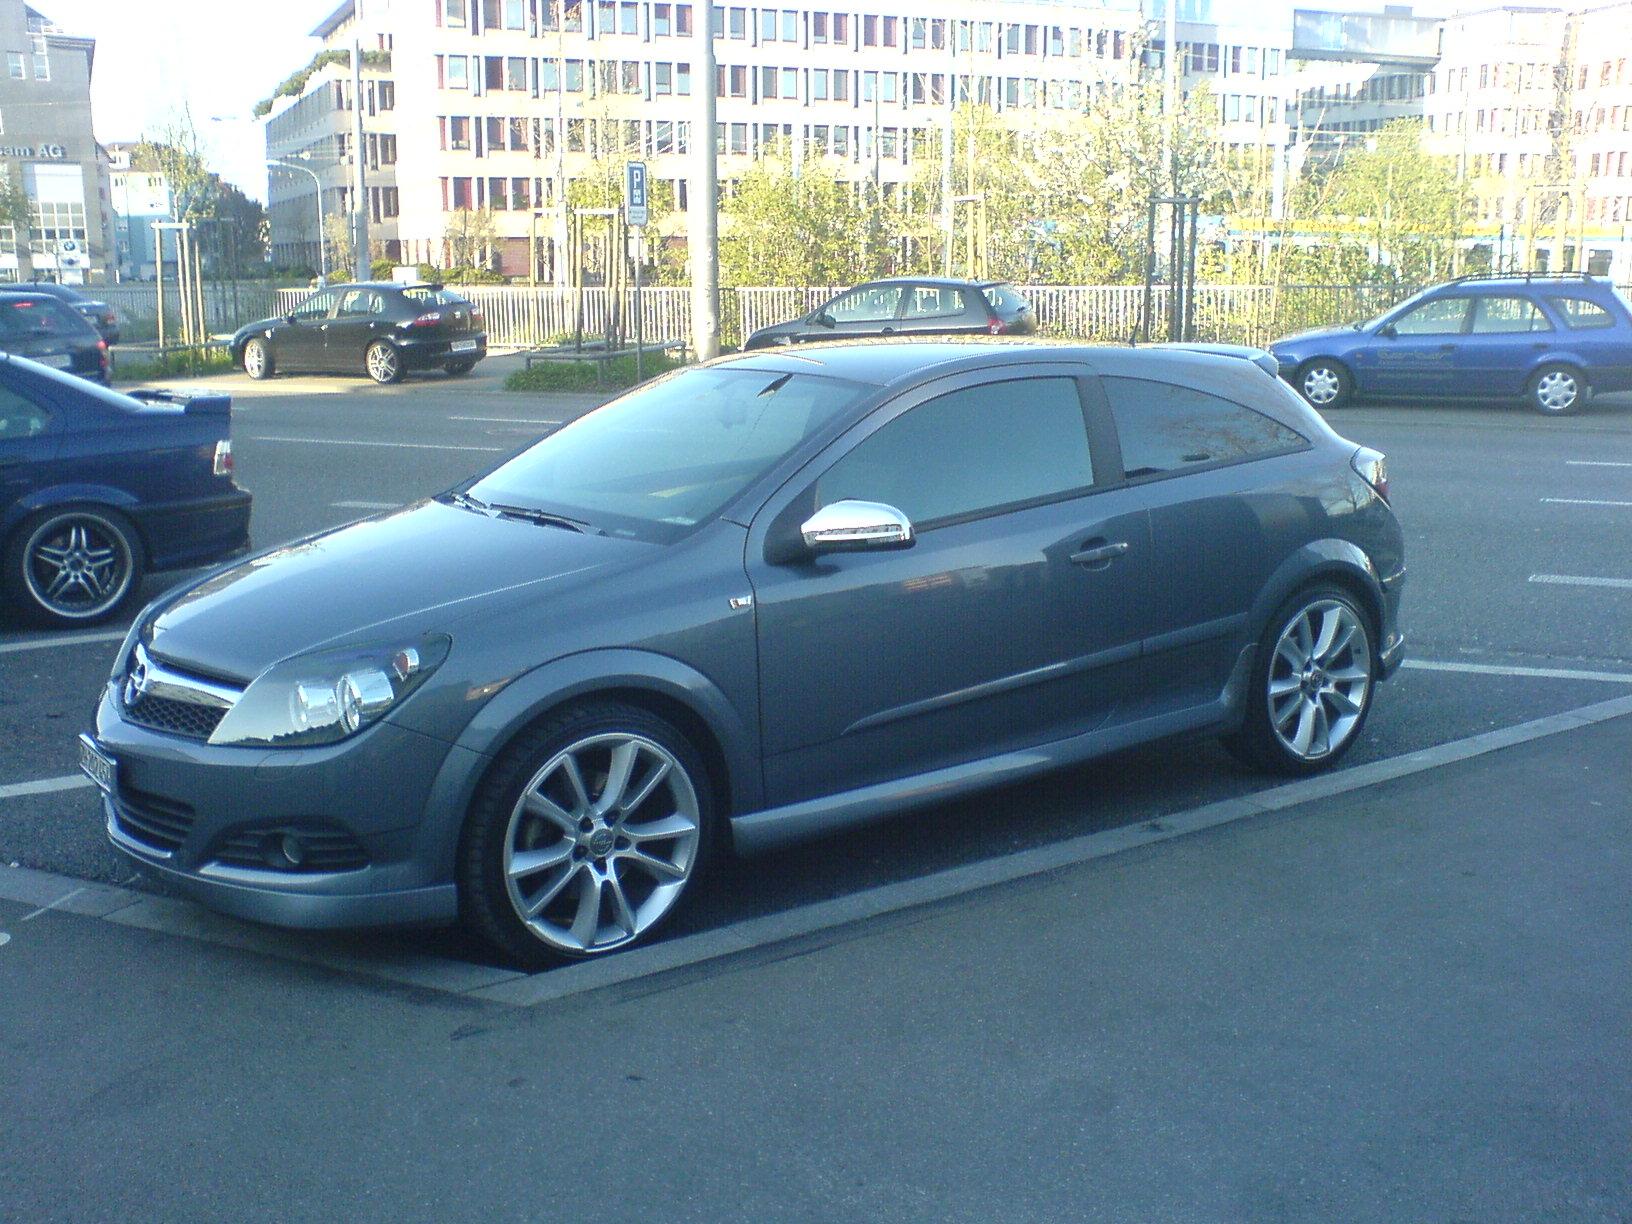 Opel Astra GTC 1.9 CDTi Sport